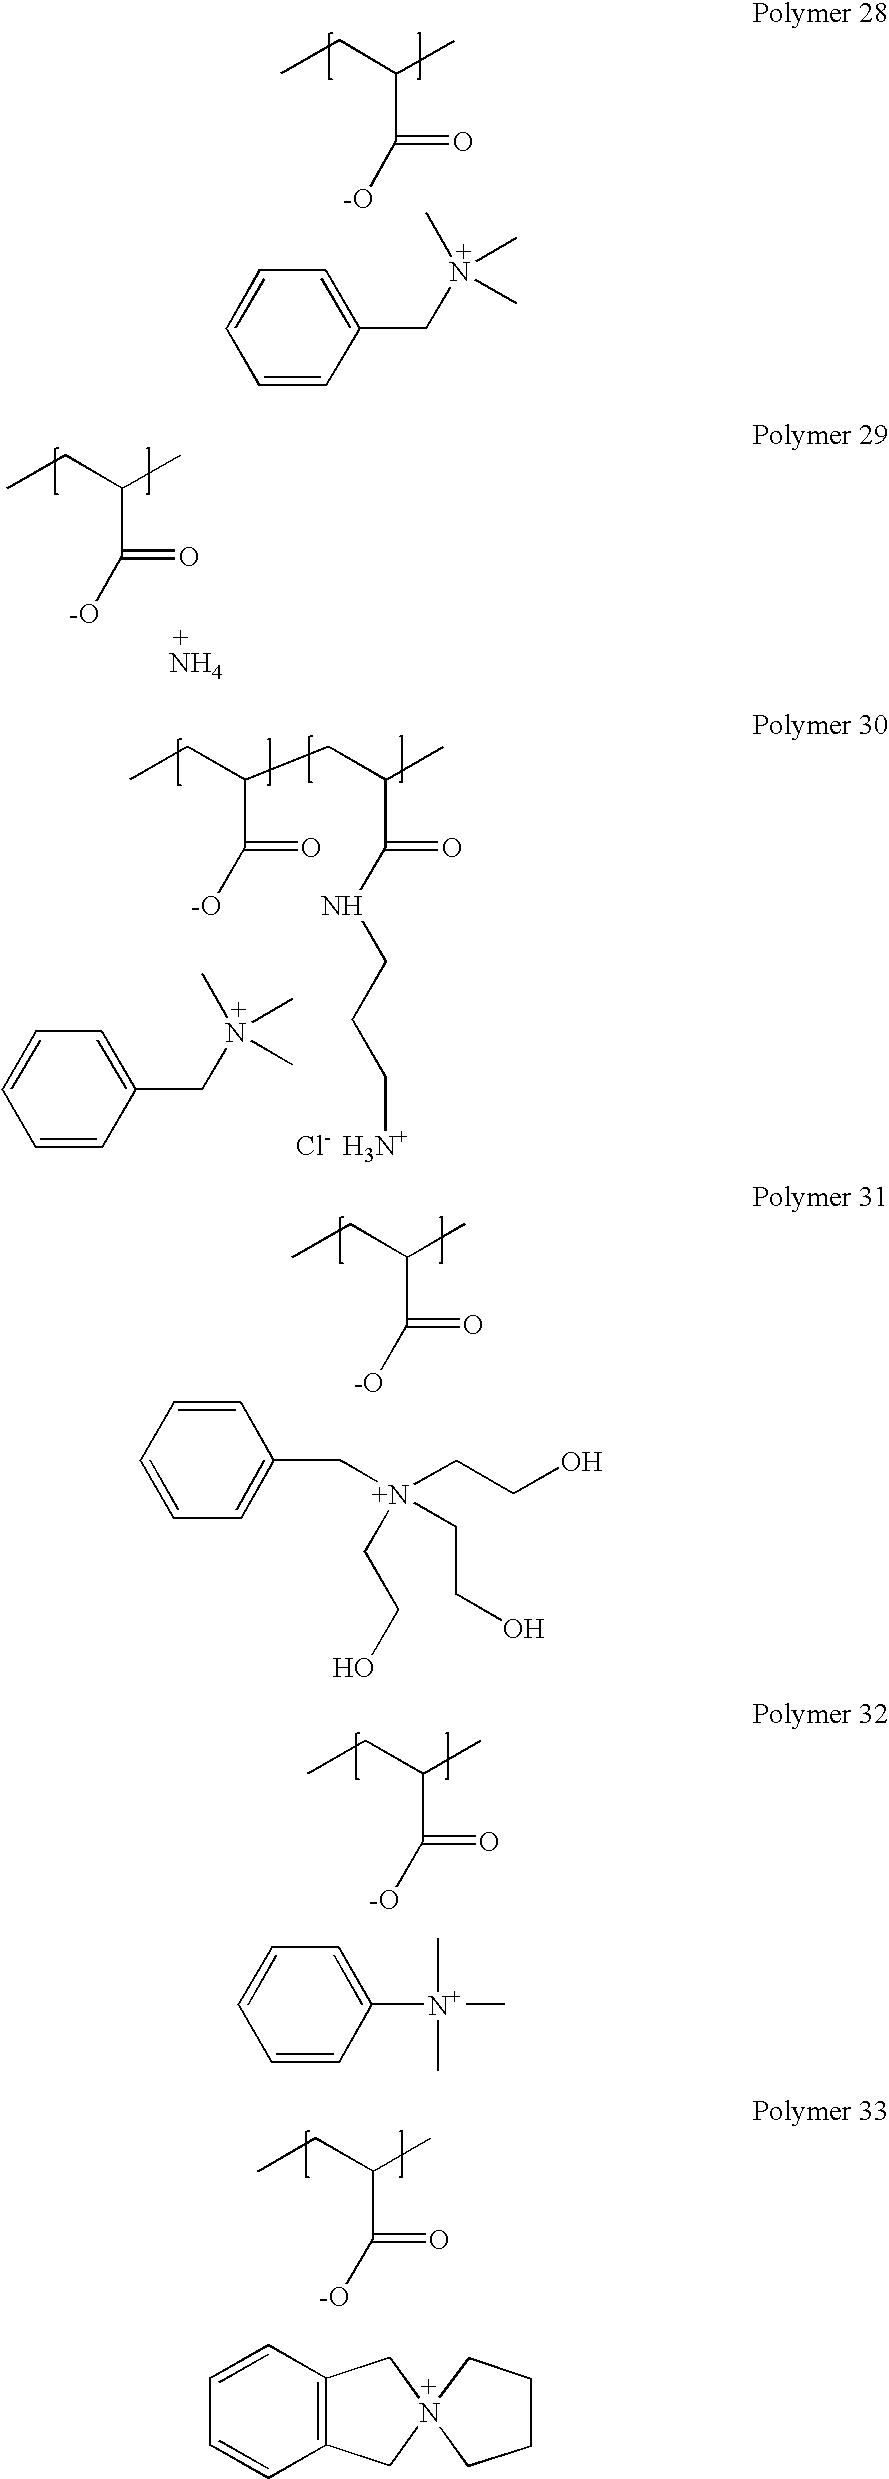 Figure US20040189762A1-20040930-C00007